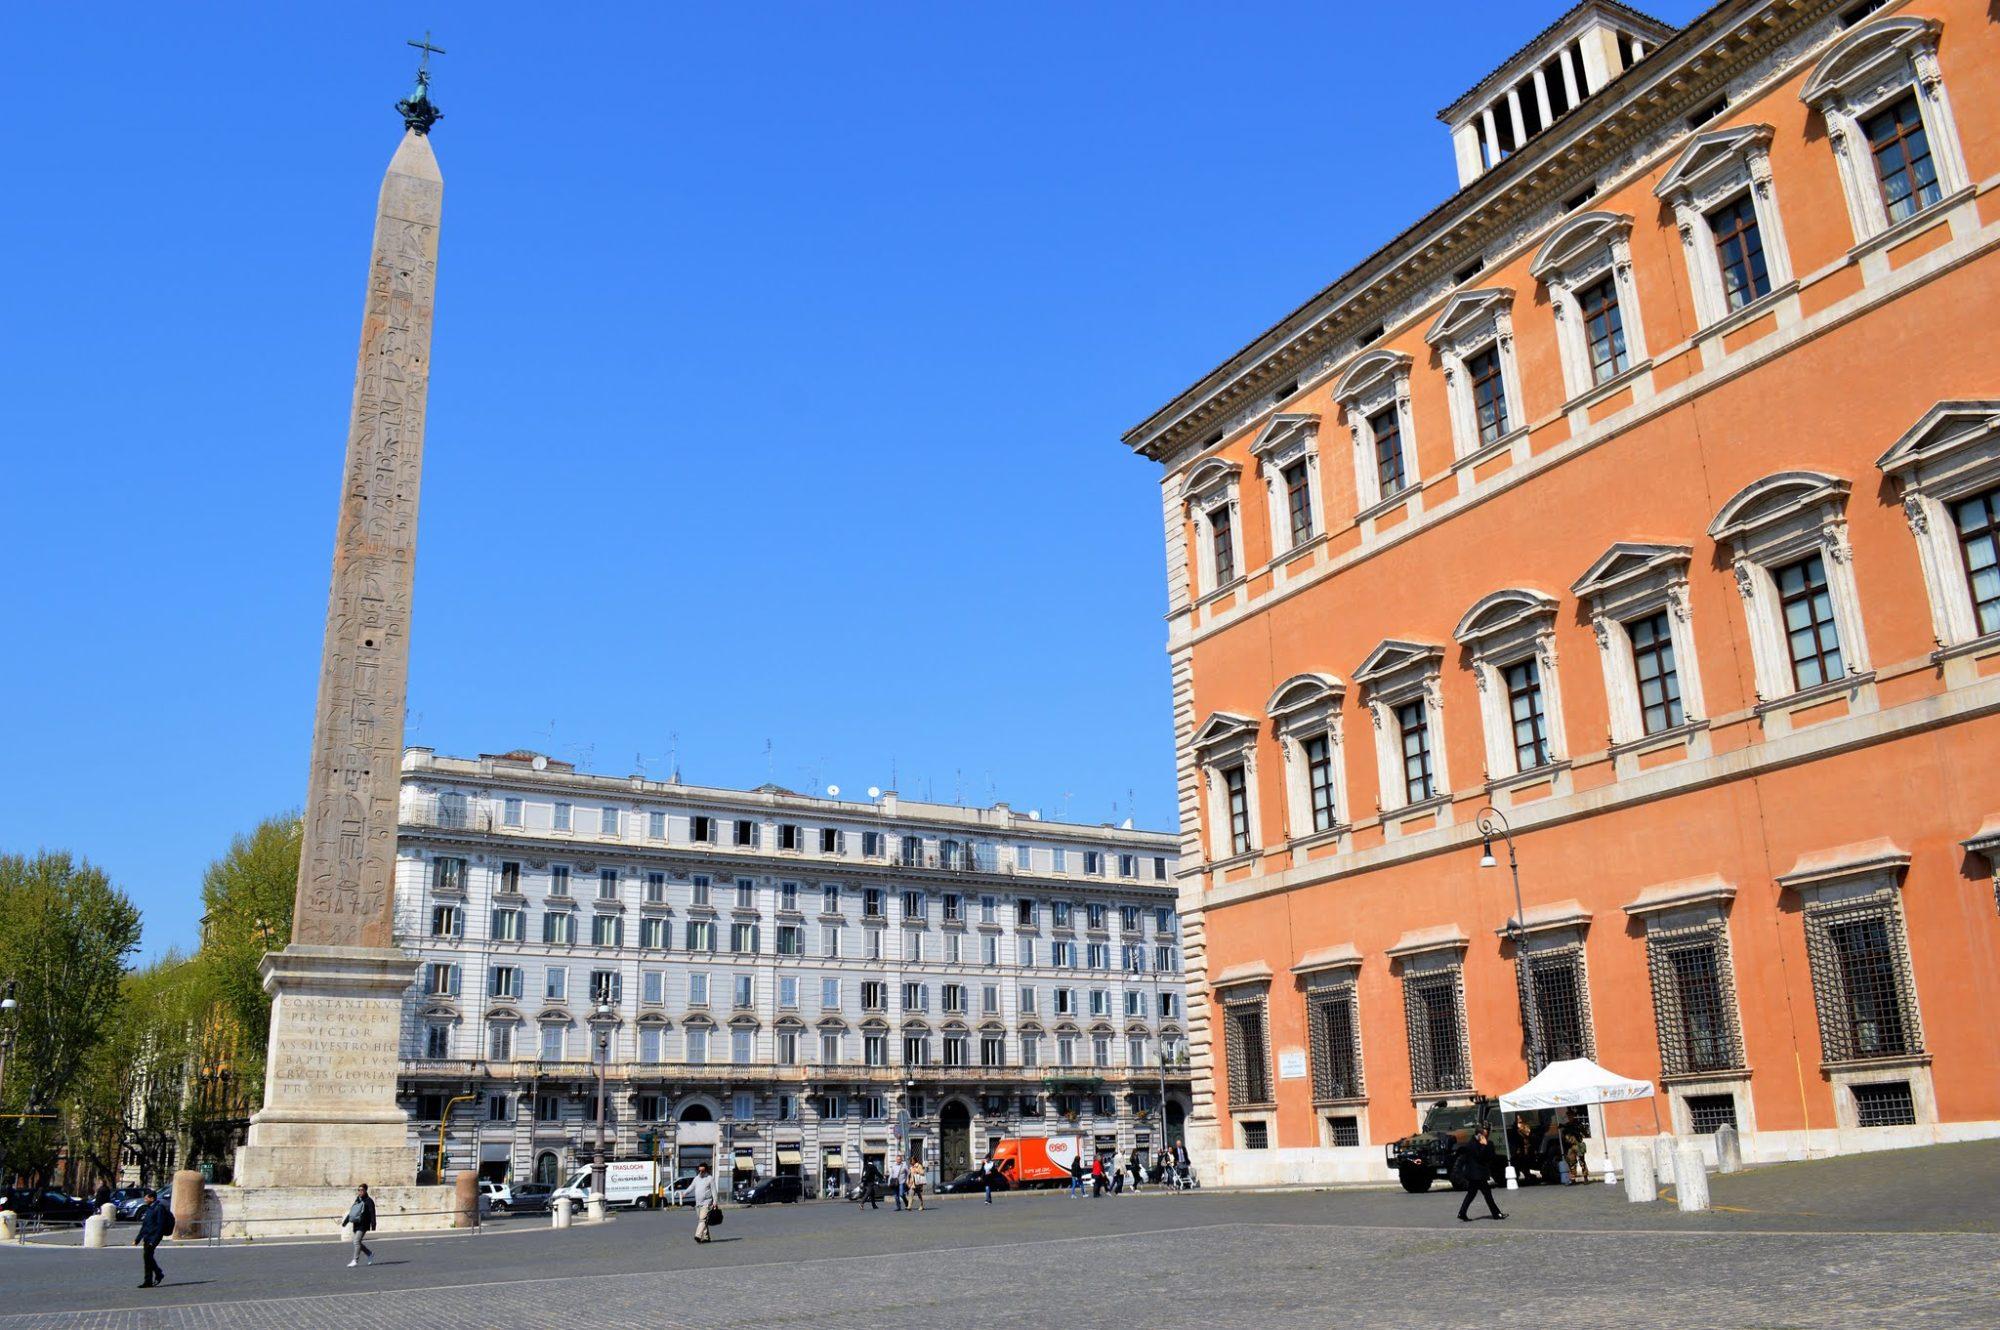 st-john-lateran-obelisk